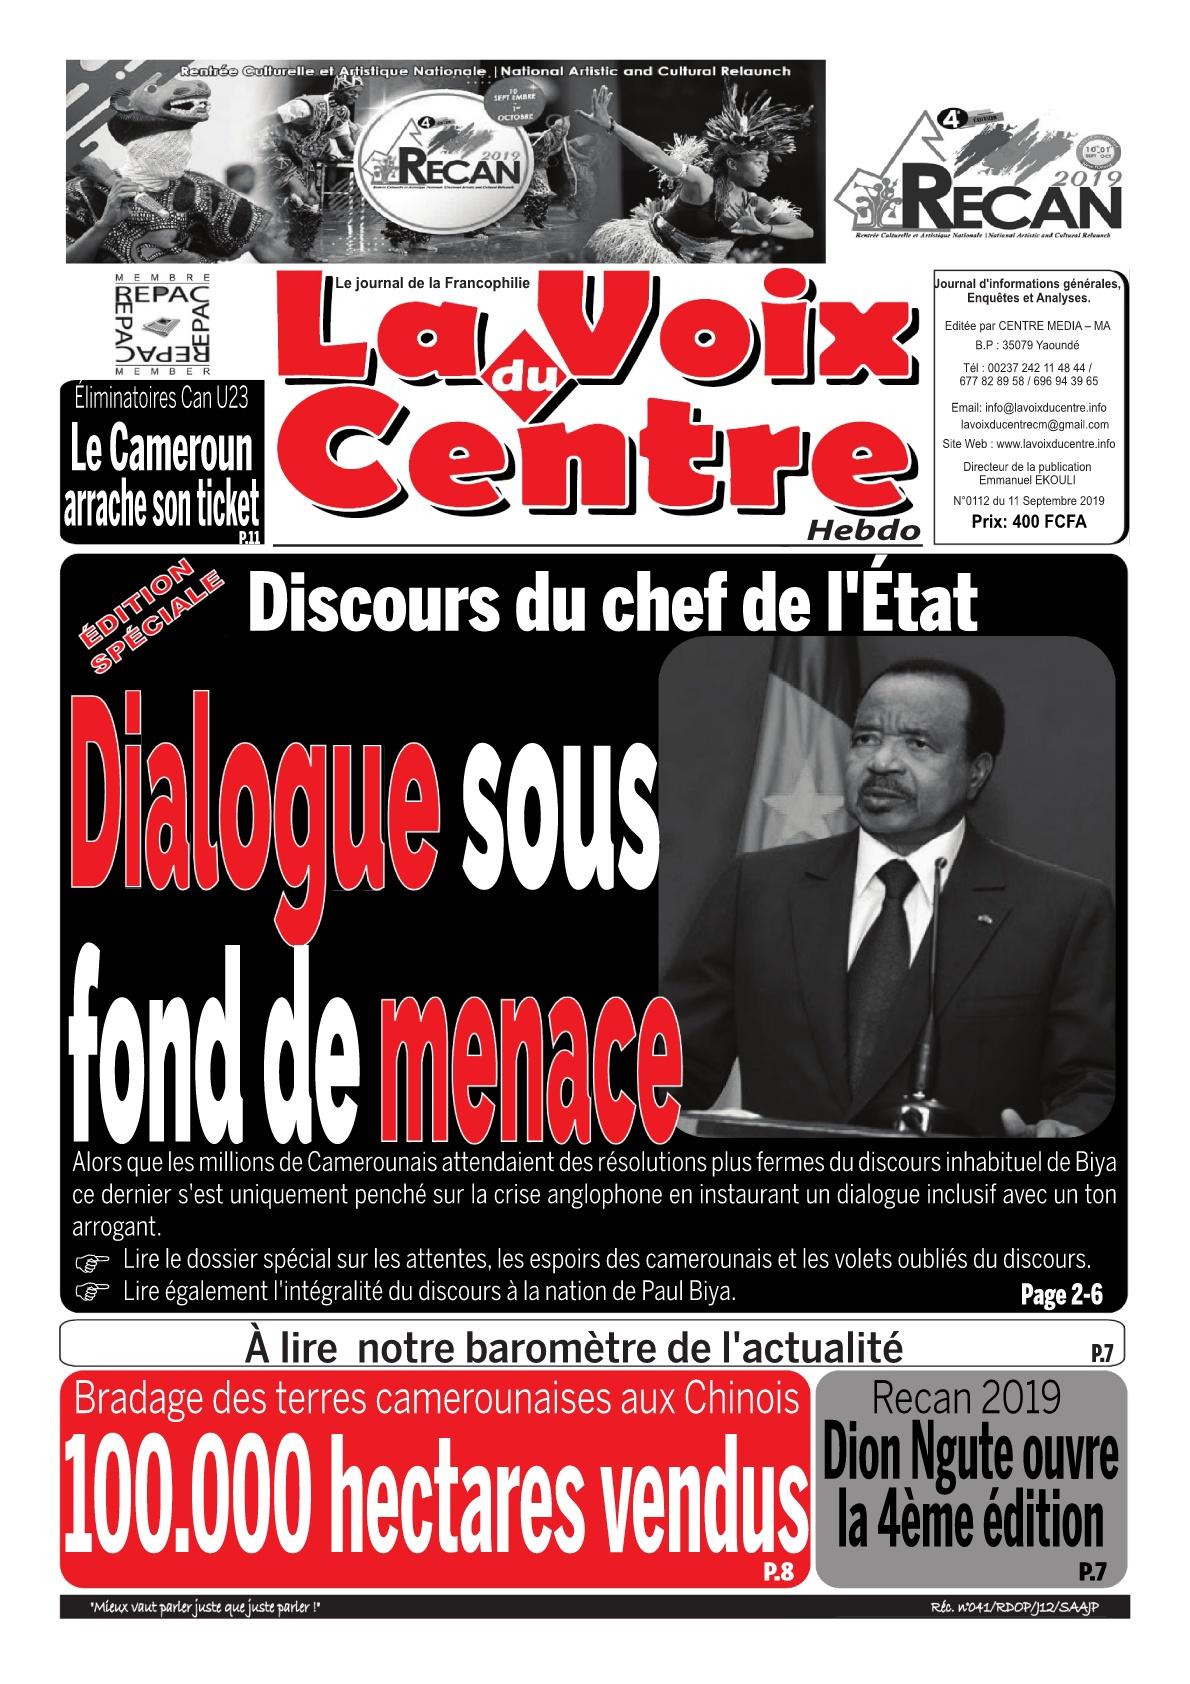 LA VOIX DU CENTRE - 11/09/2019